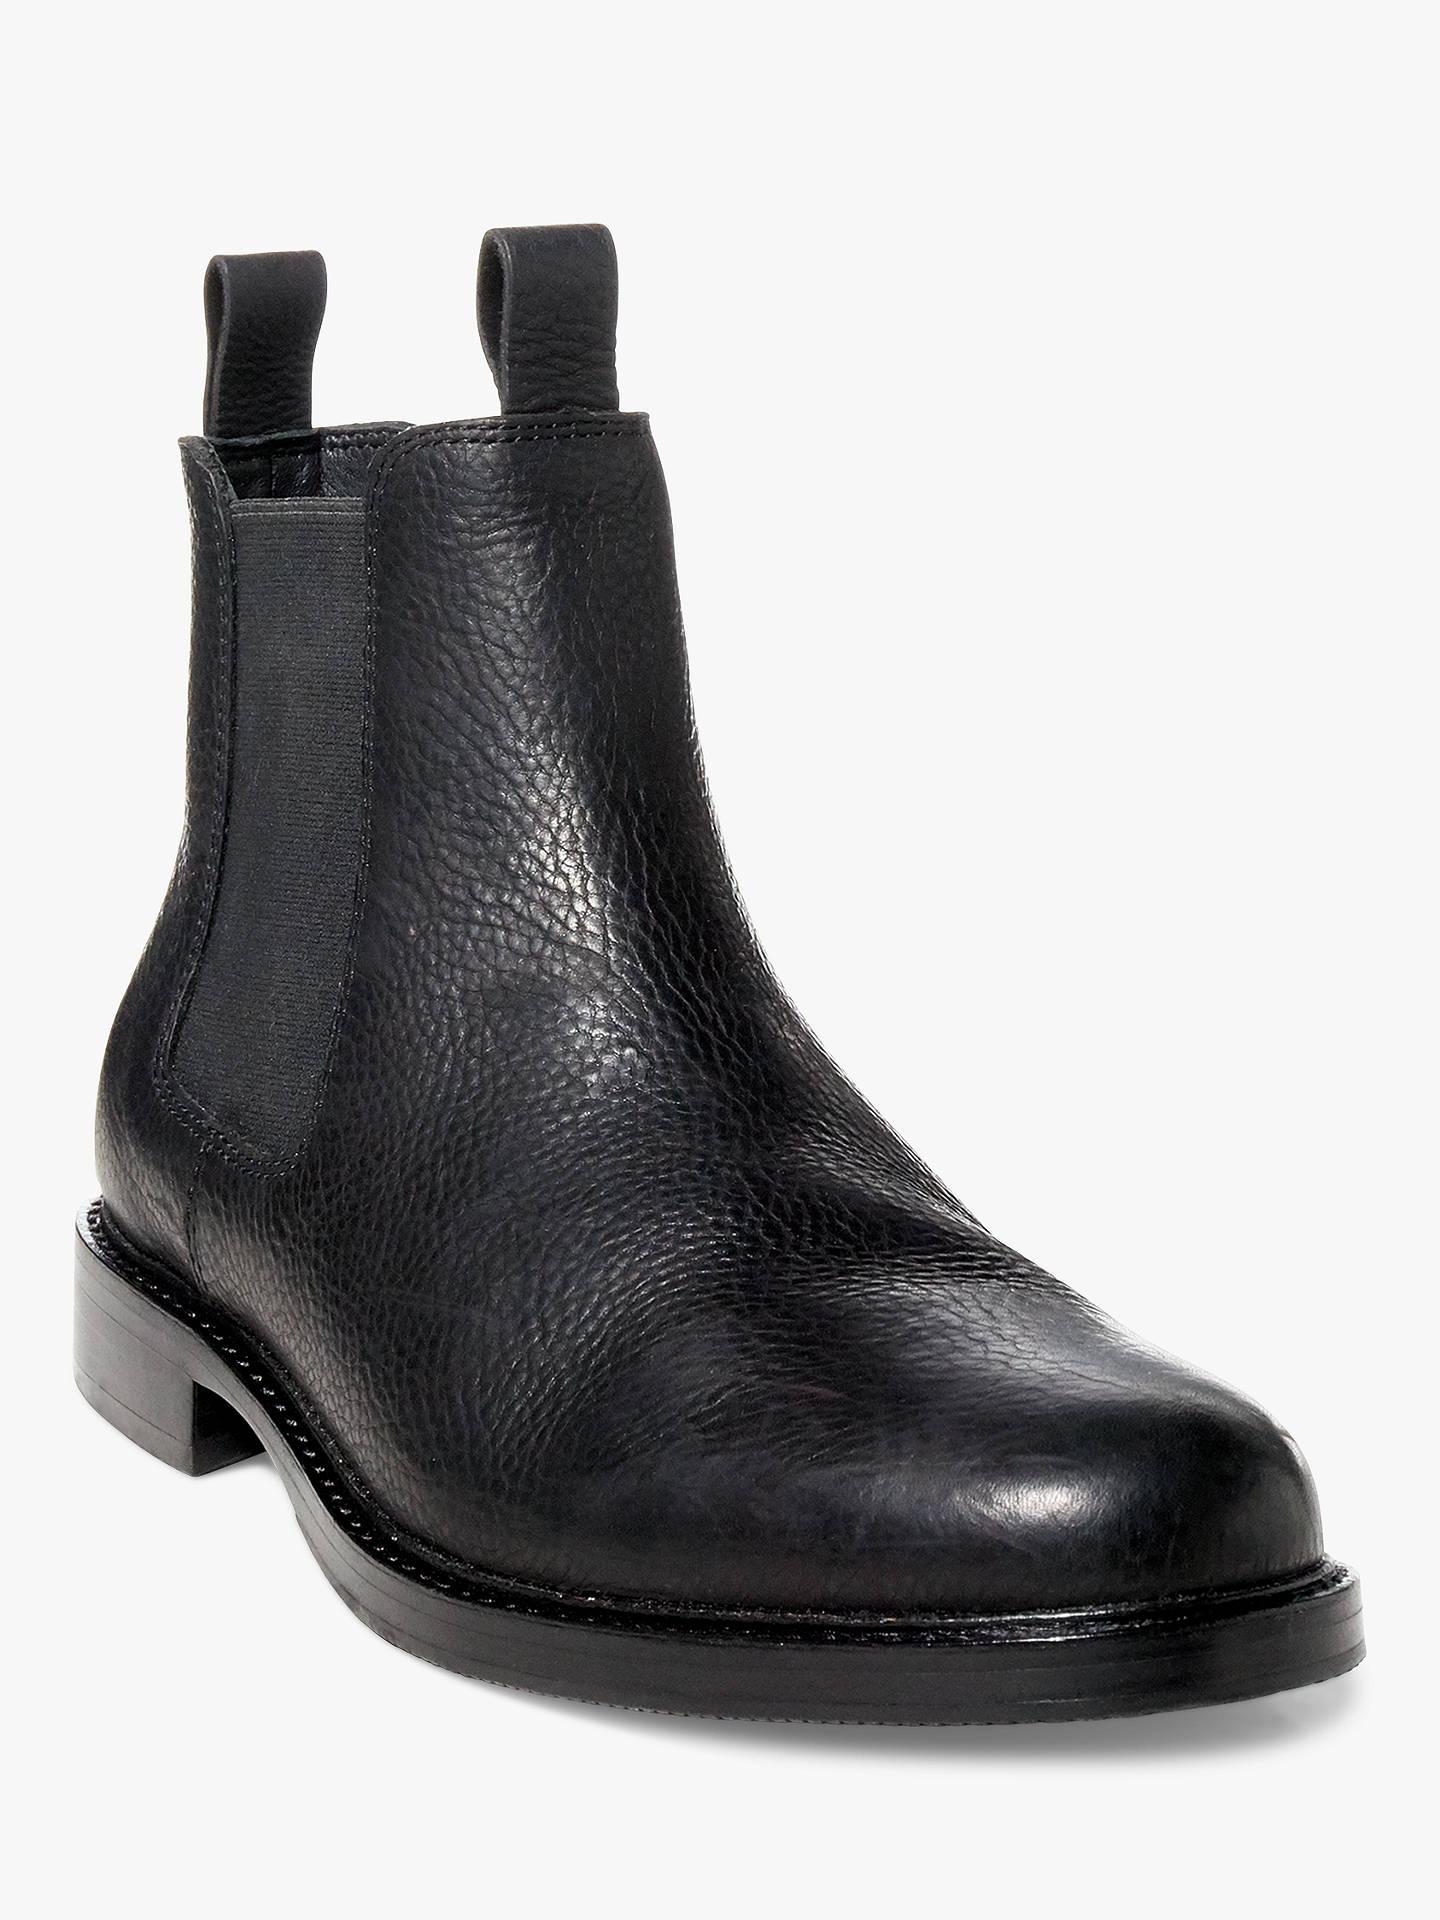 ... BuyPolo Ralph Lauren Normanton Leather Chelsea Boots, Black, 9 Online  at johnlewis.com ... 0136a14e8928